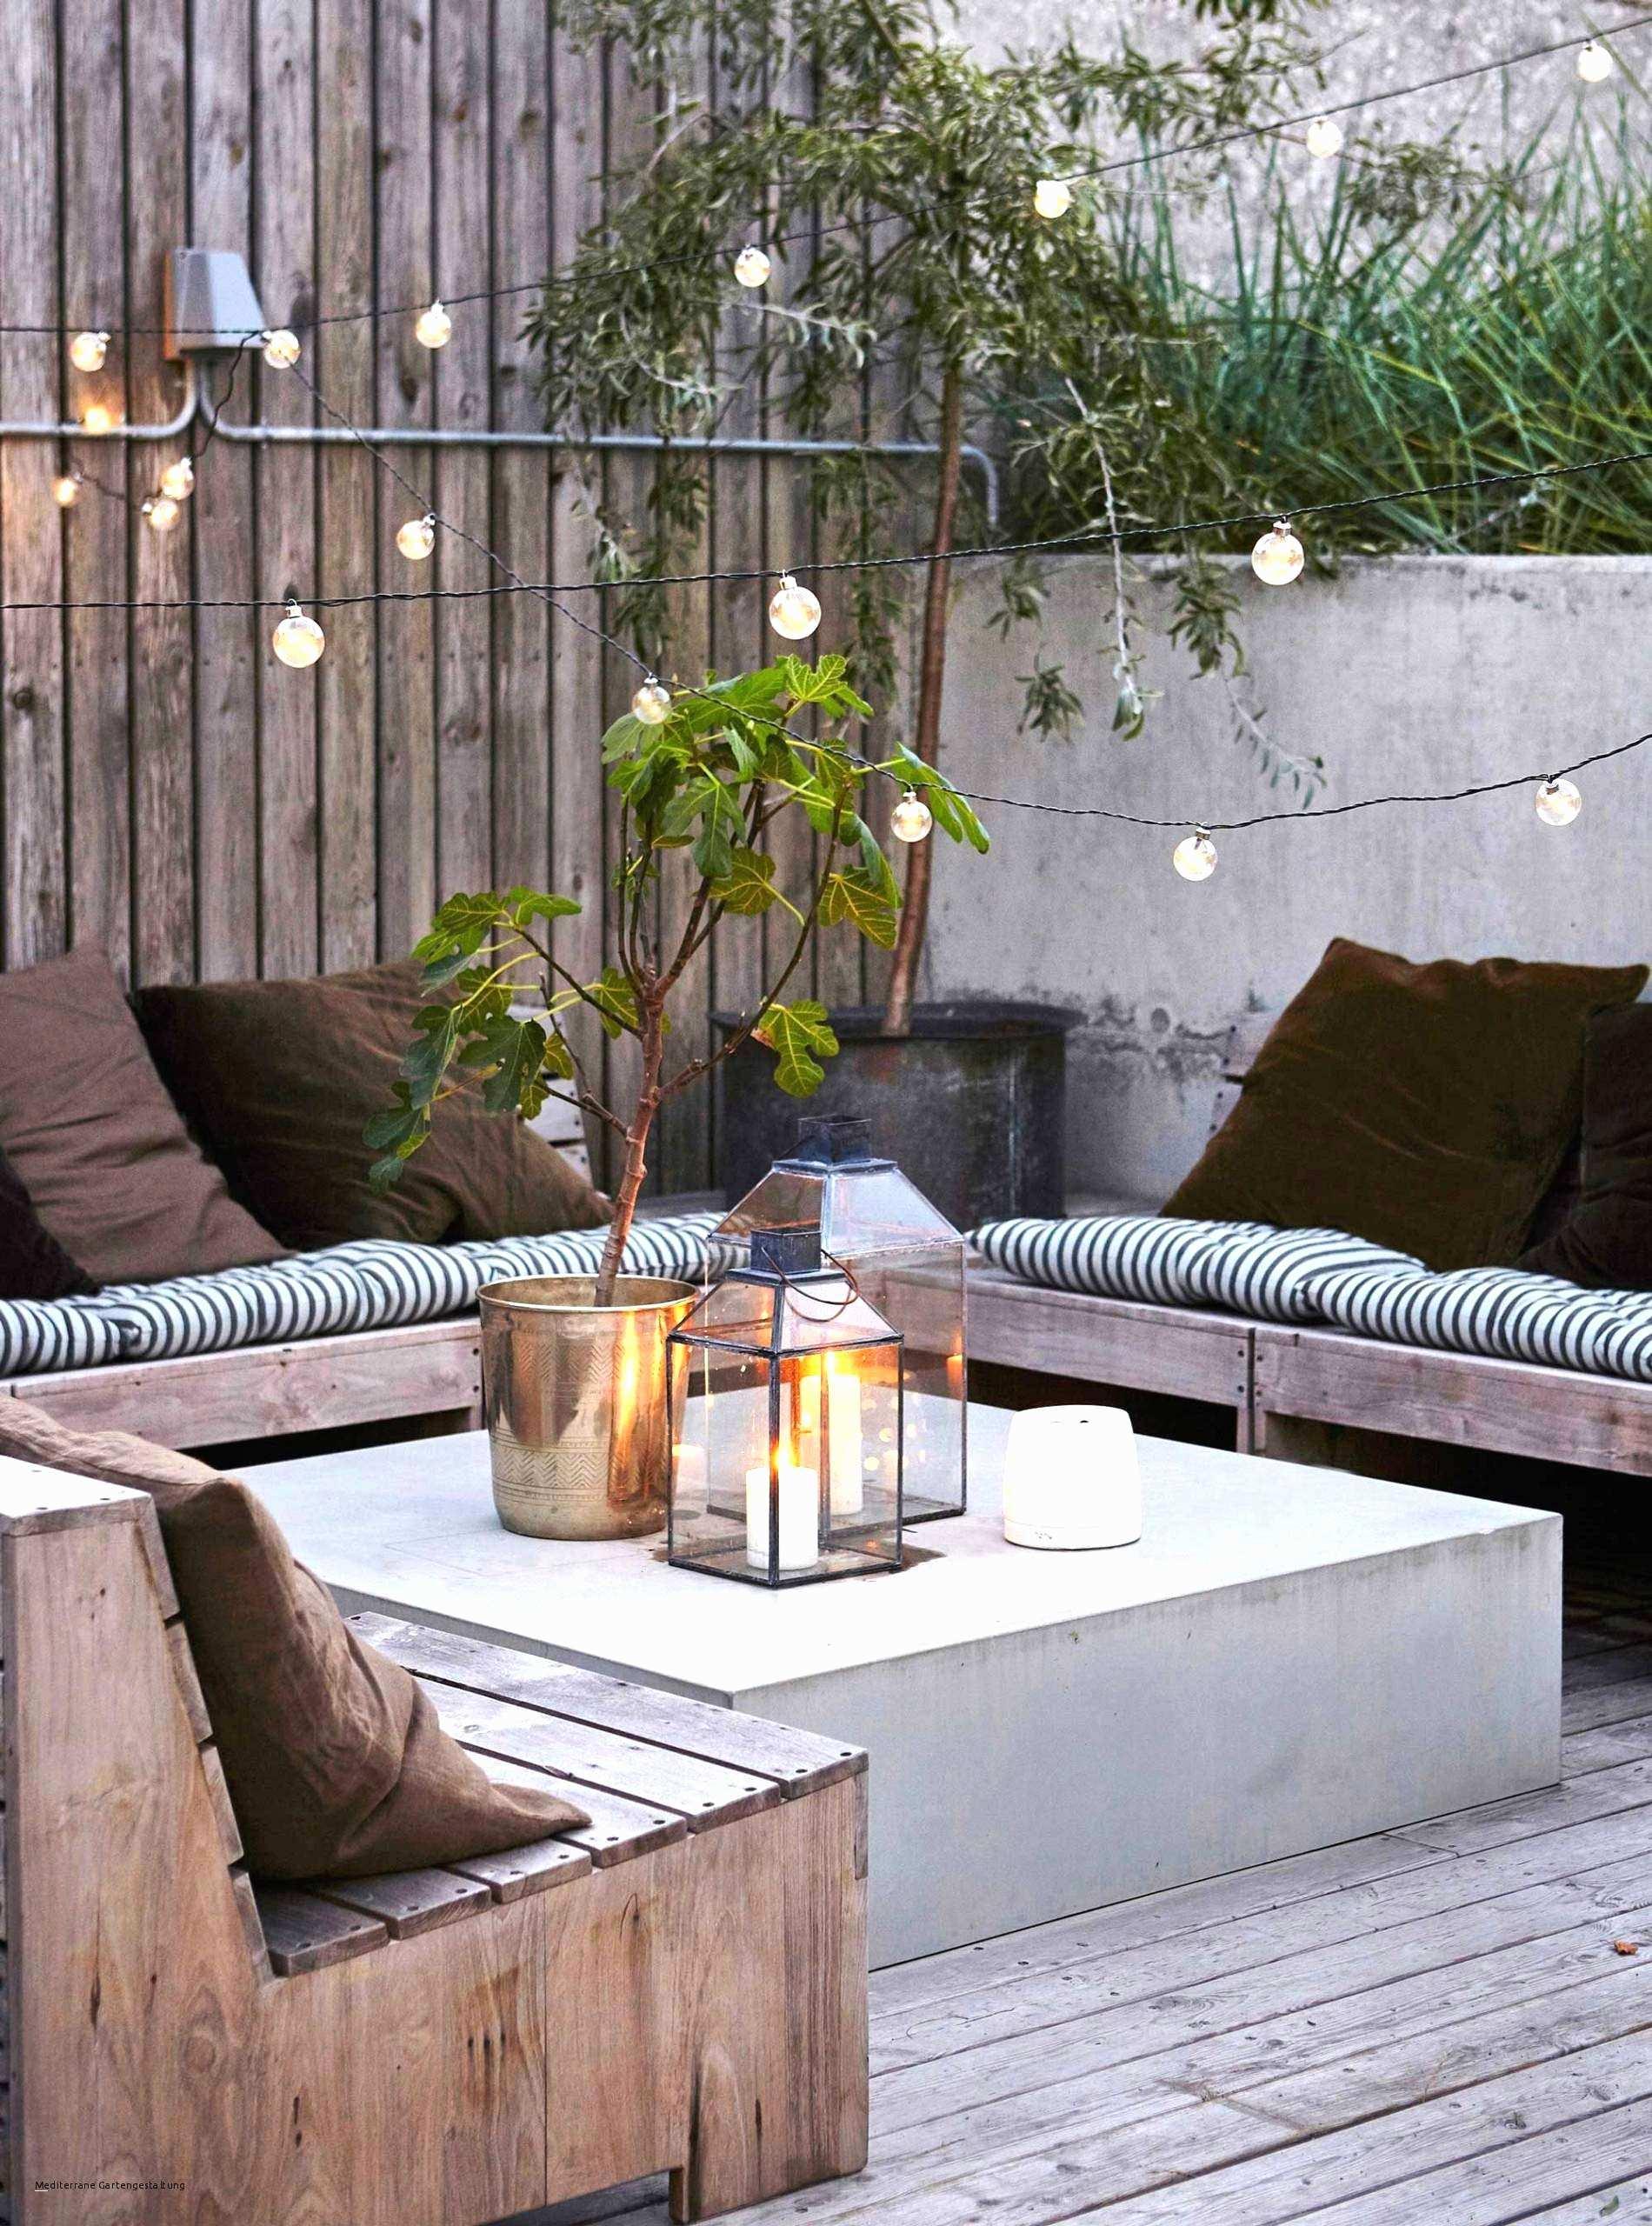 landhaus deko shop neu tischdeko aus holz luxus 49 reizend landhaus deko garten of landhaus deko shop